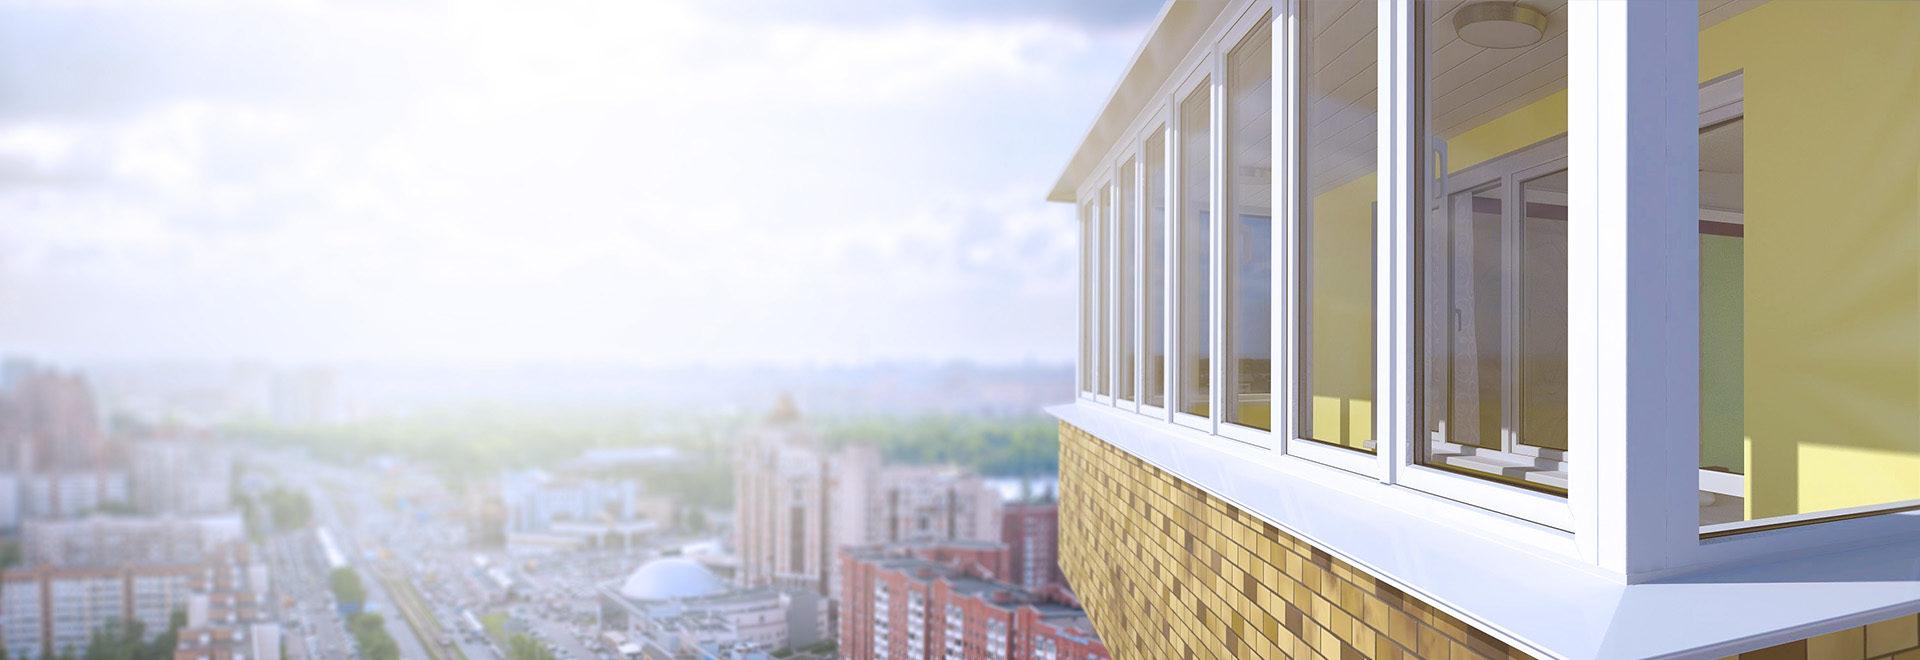 Изображение балкона фон